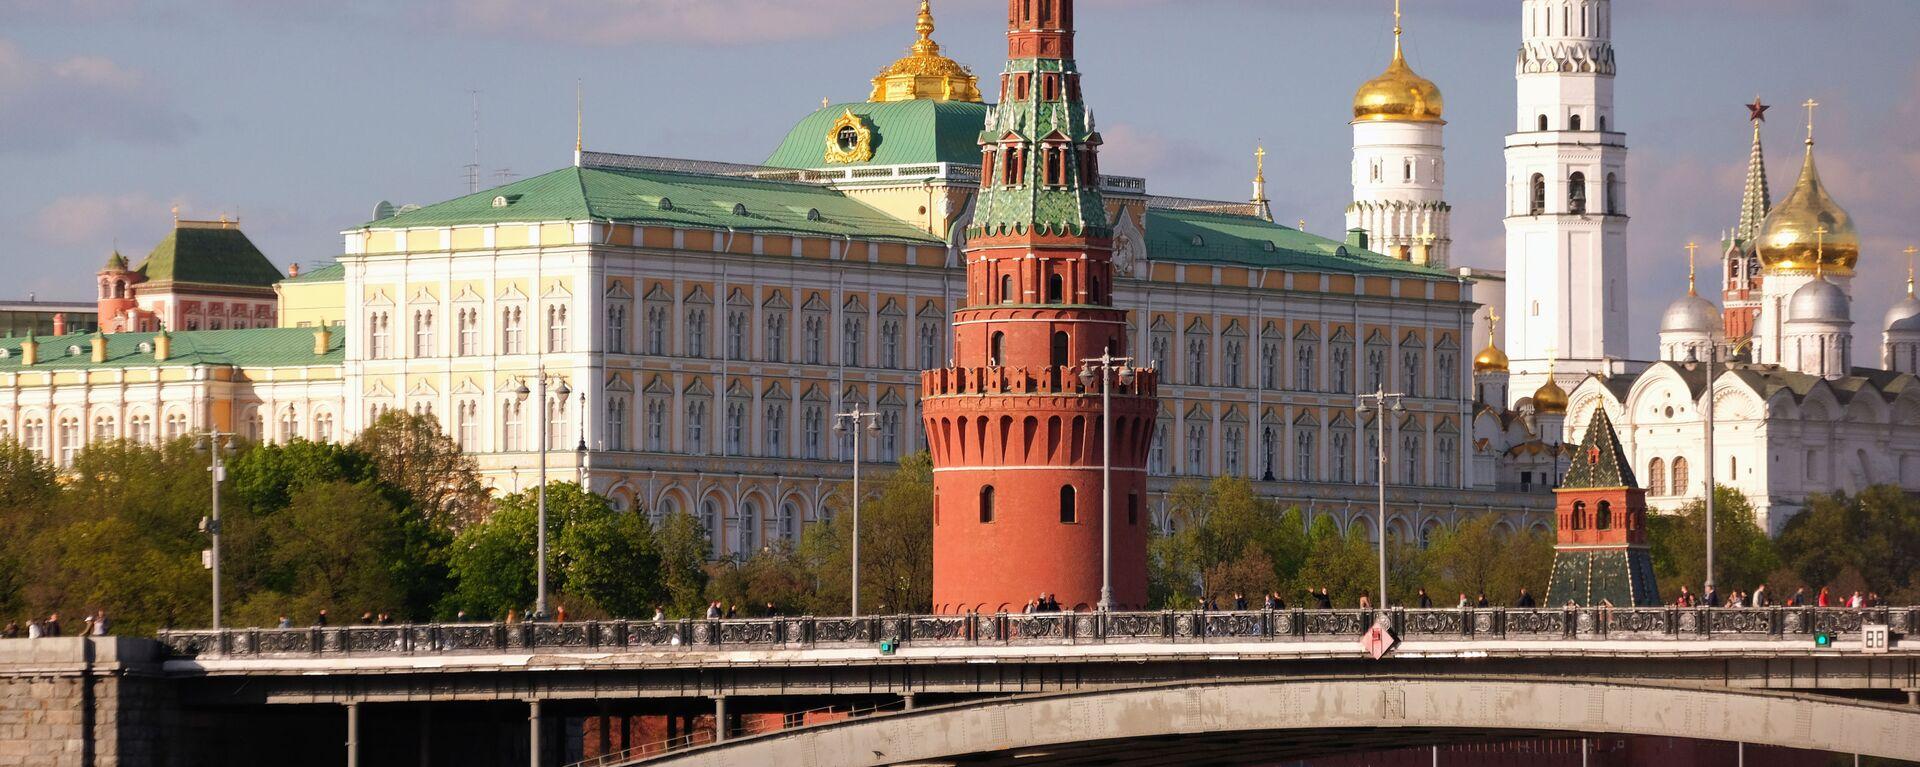 Cremlino di Mosca - Sputnik Italia, 1920, 07.06.2021